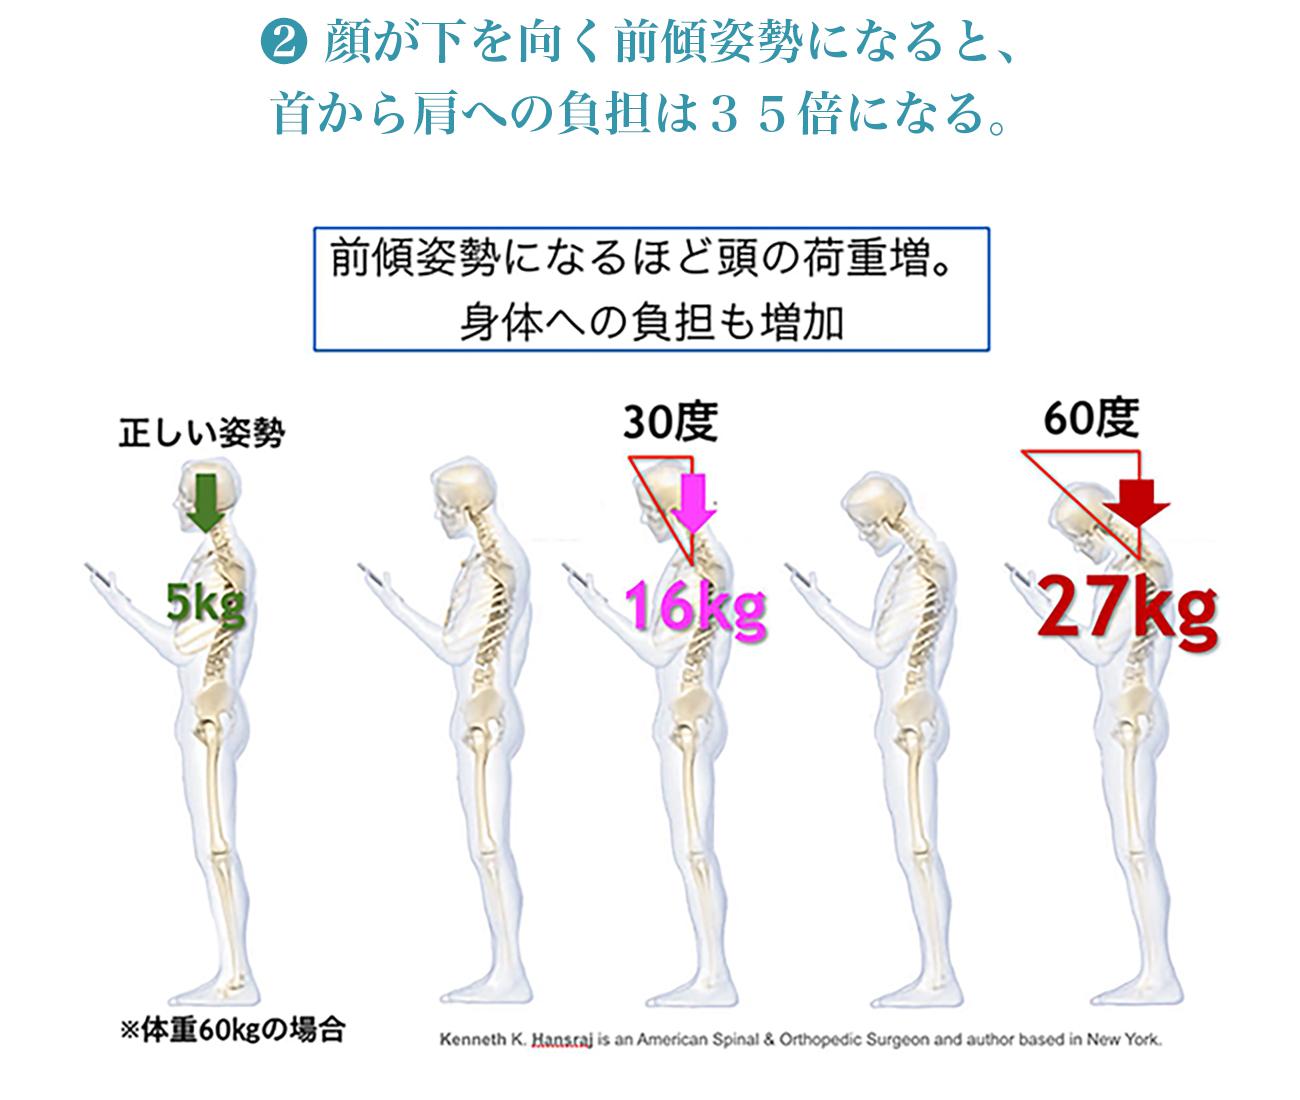 前傾姿勢の身体への負担